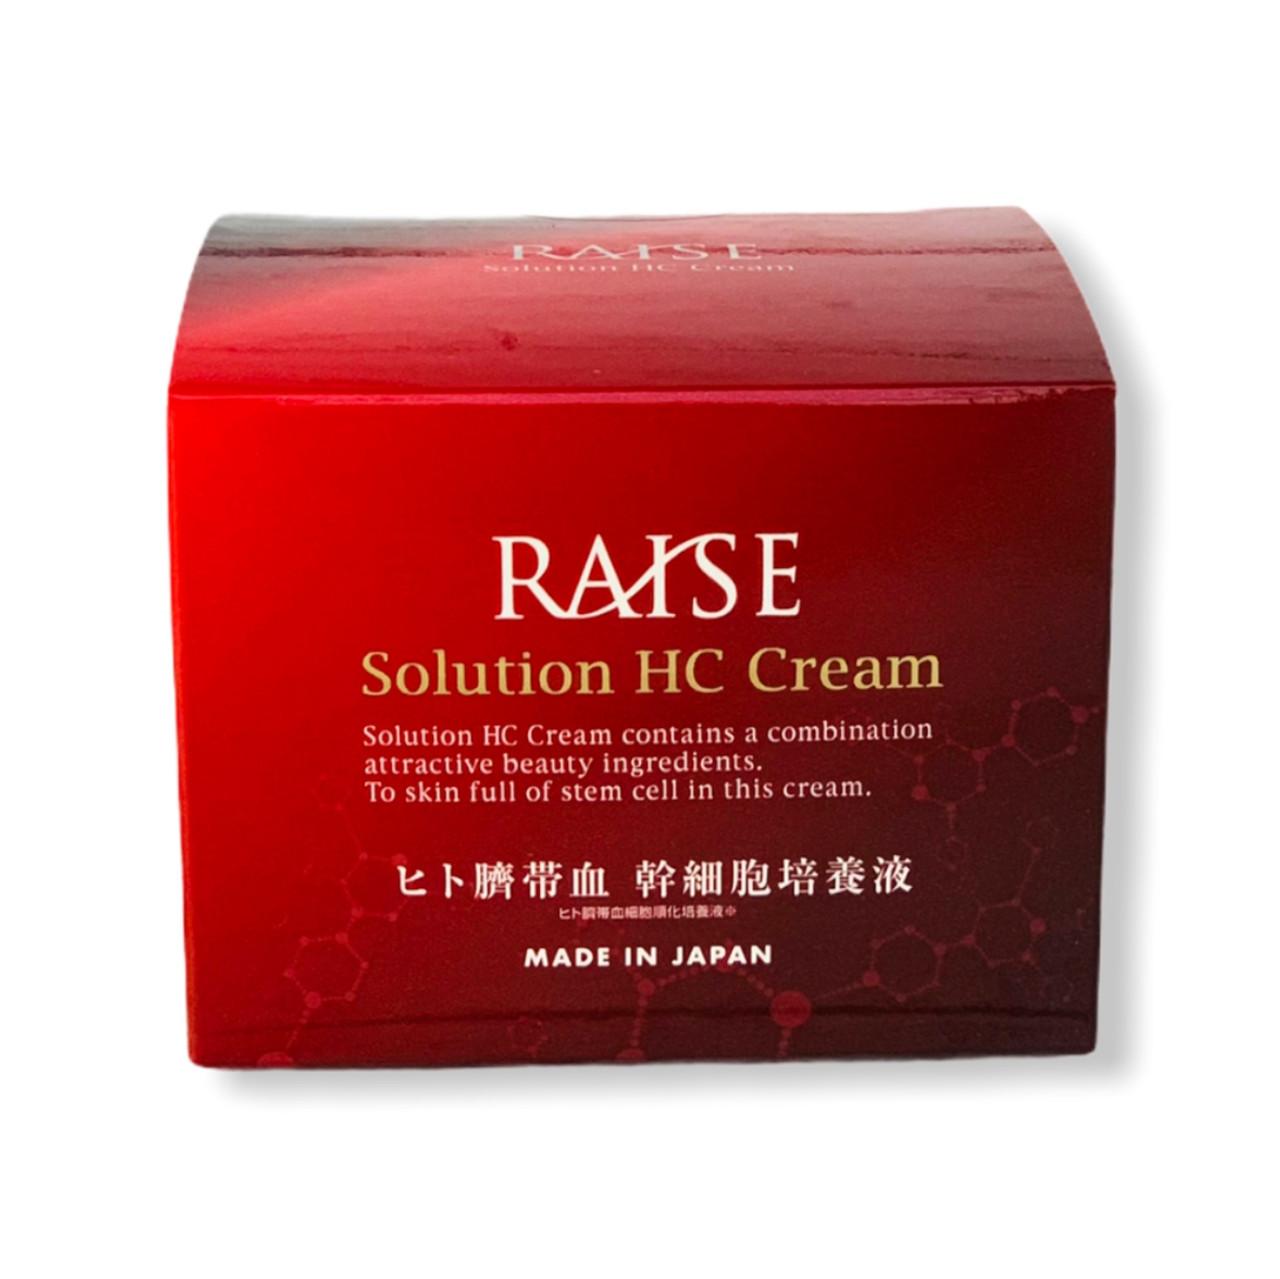 Raise Solution HC Cream Антивозрастной крем со стволовыми клетками